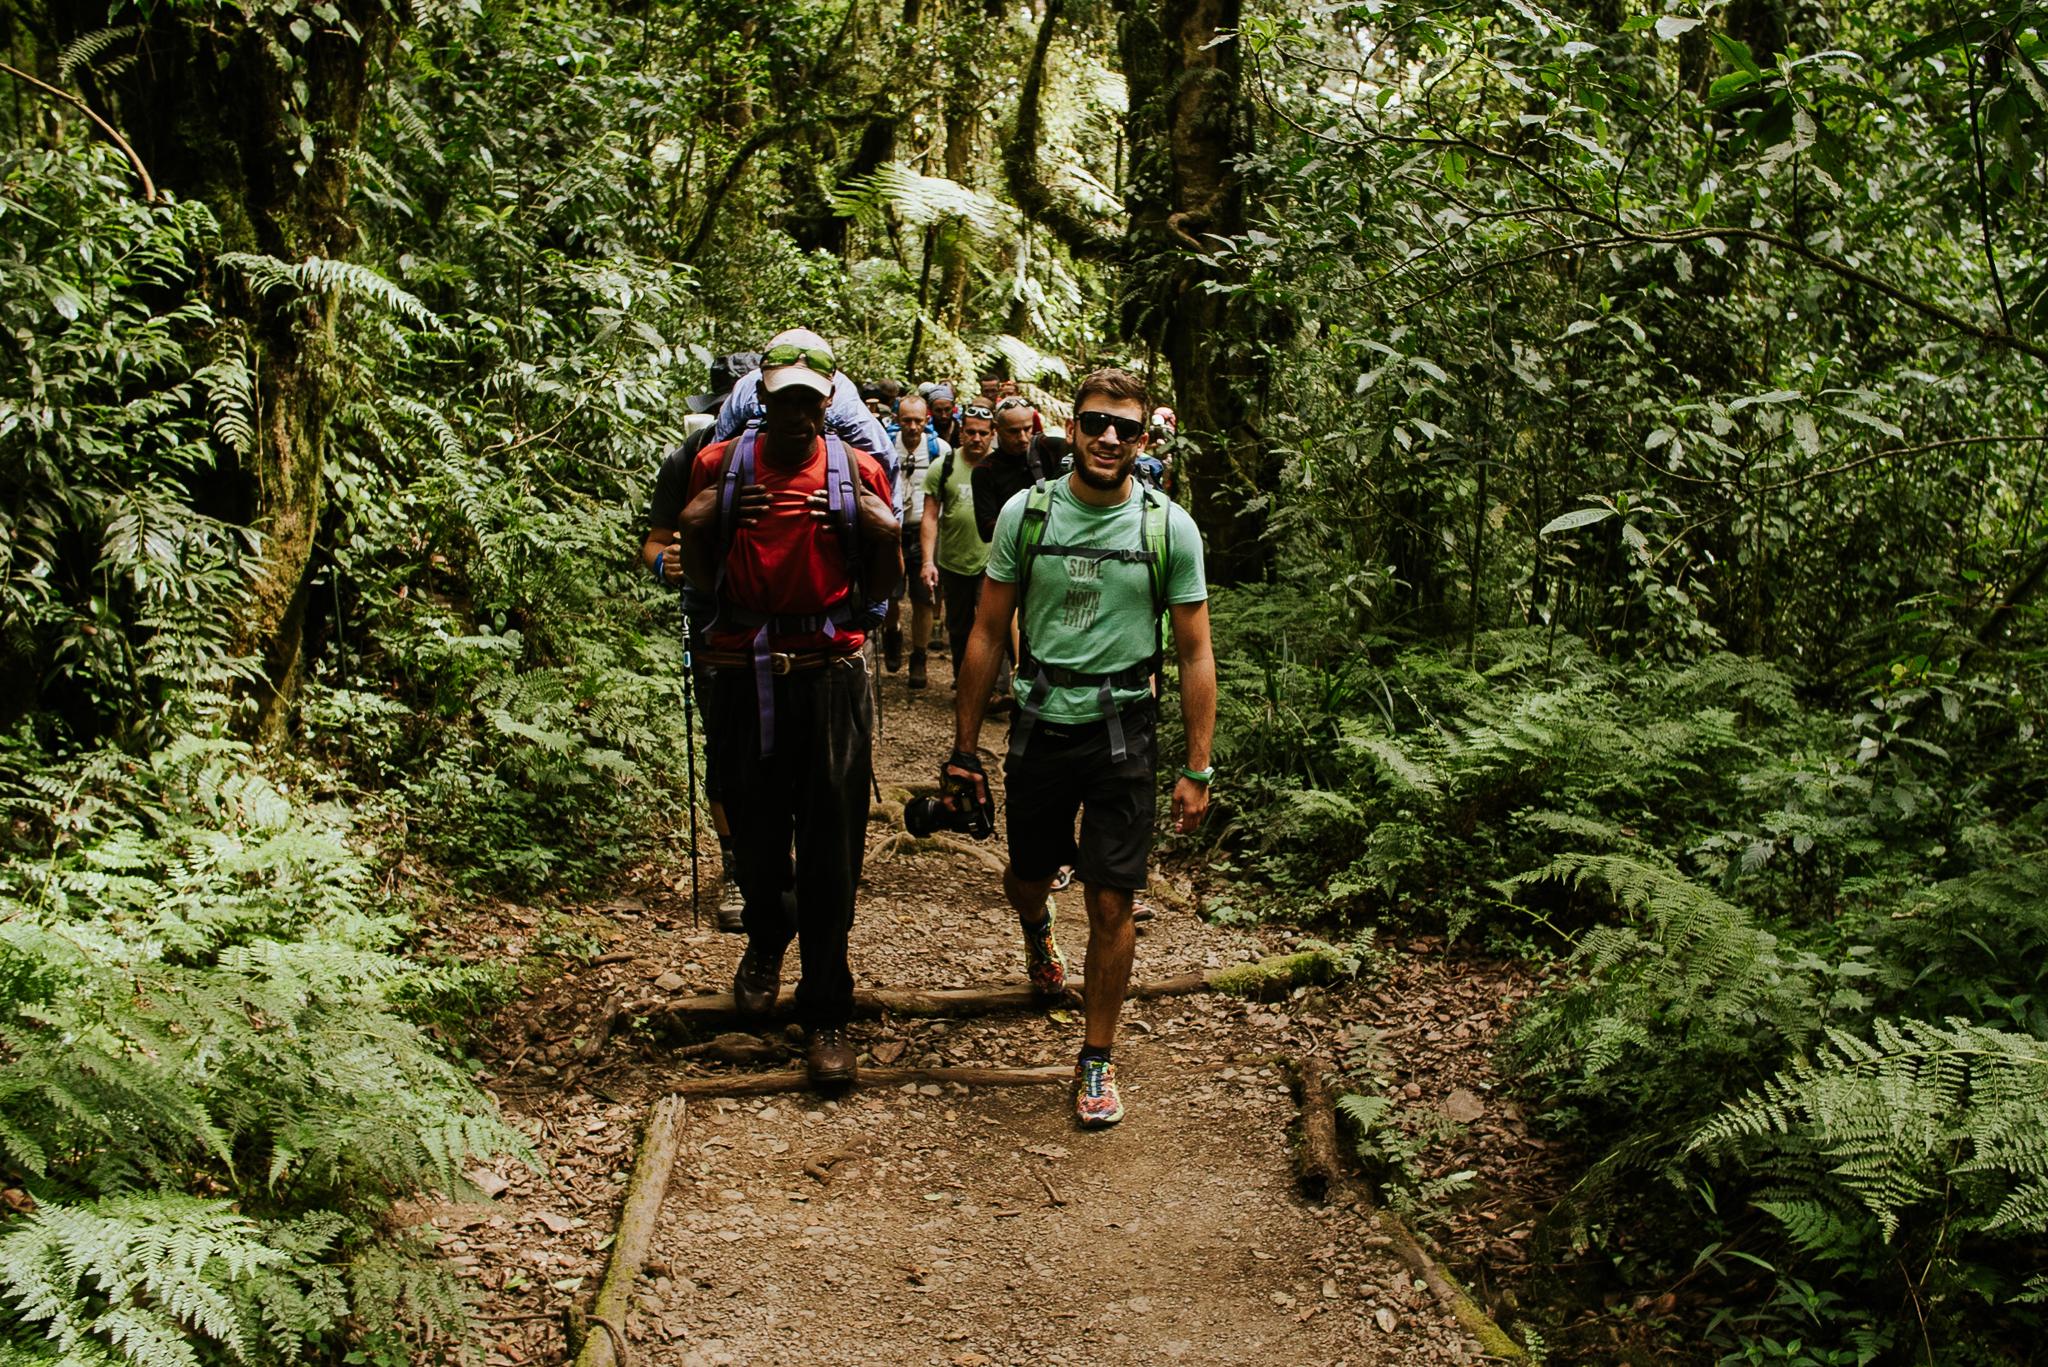 Felfele a Kilimandzsáró dzsungelében. (Fotó: Józsa Levi)